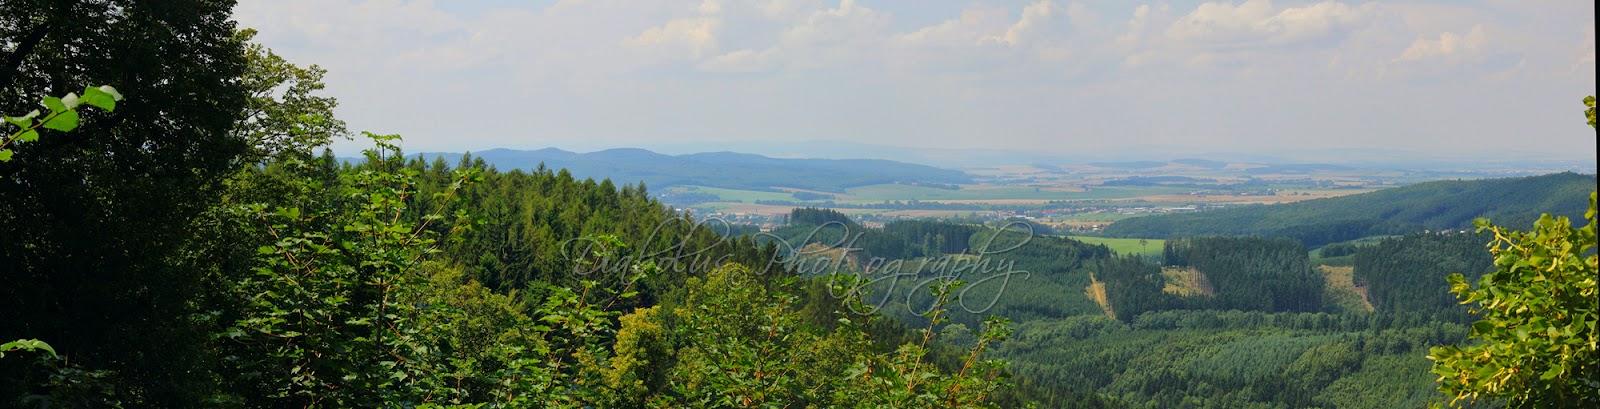 Výhled z Lukova-panorama/Lukov panorama view